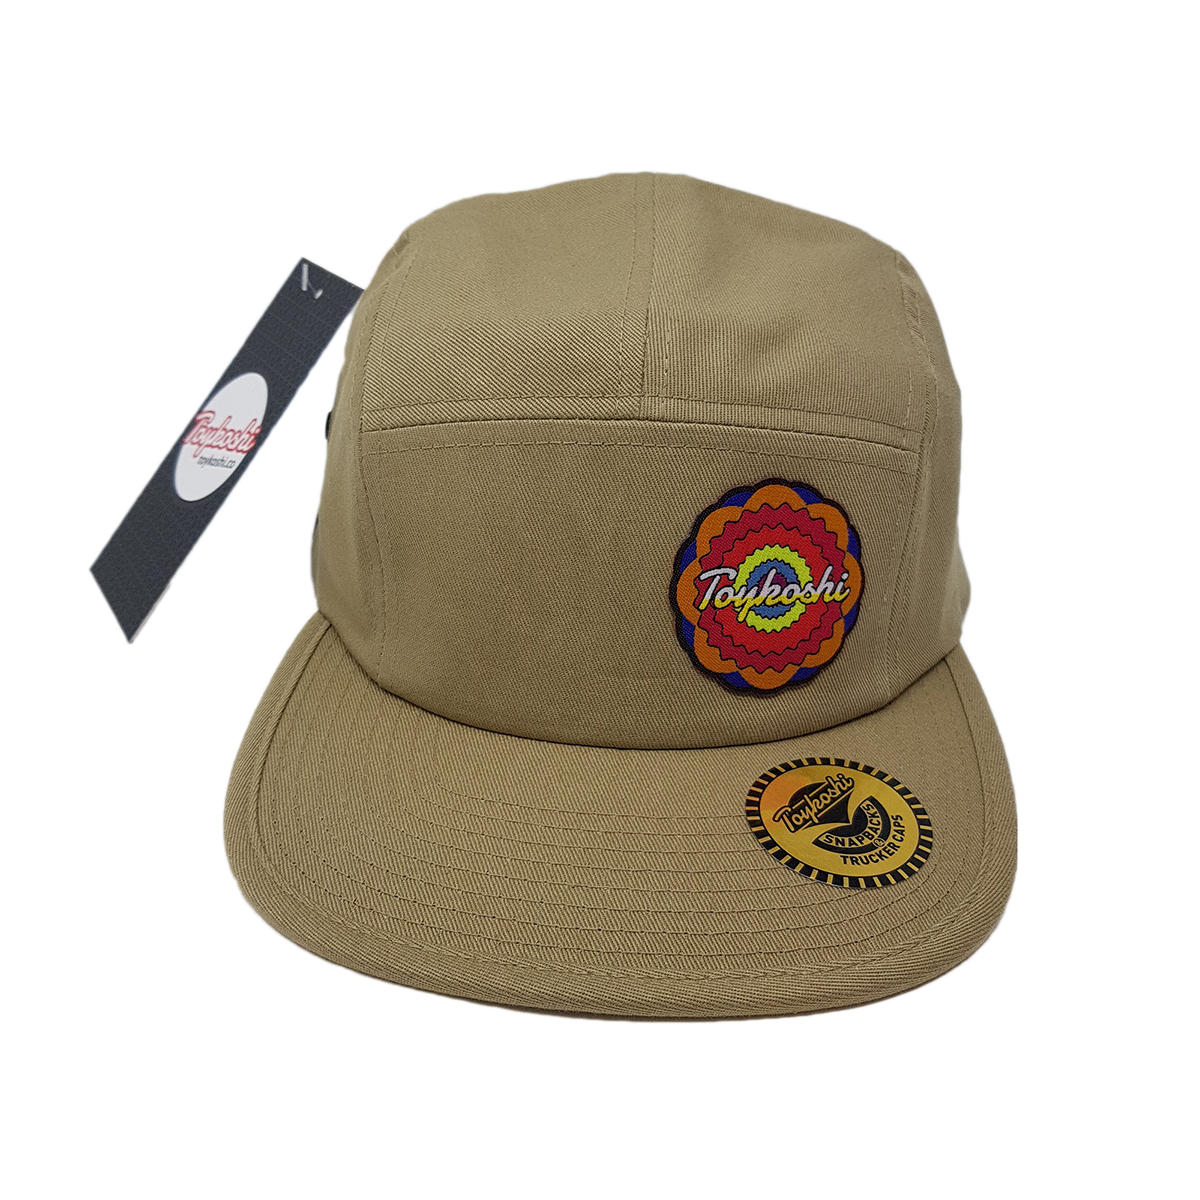 Toykoshi headwear patch rosette flower pink 5pannel cap hat head